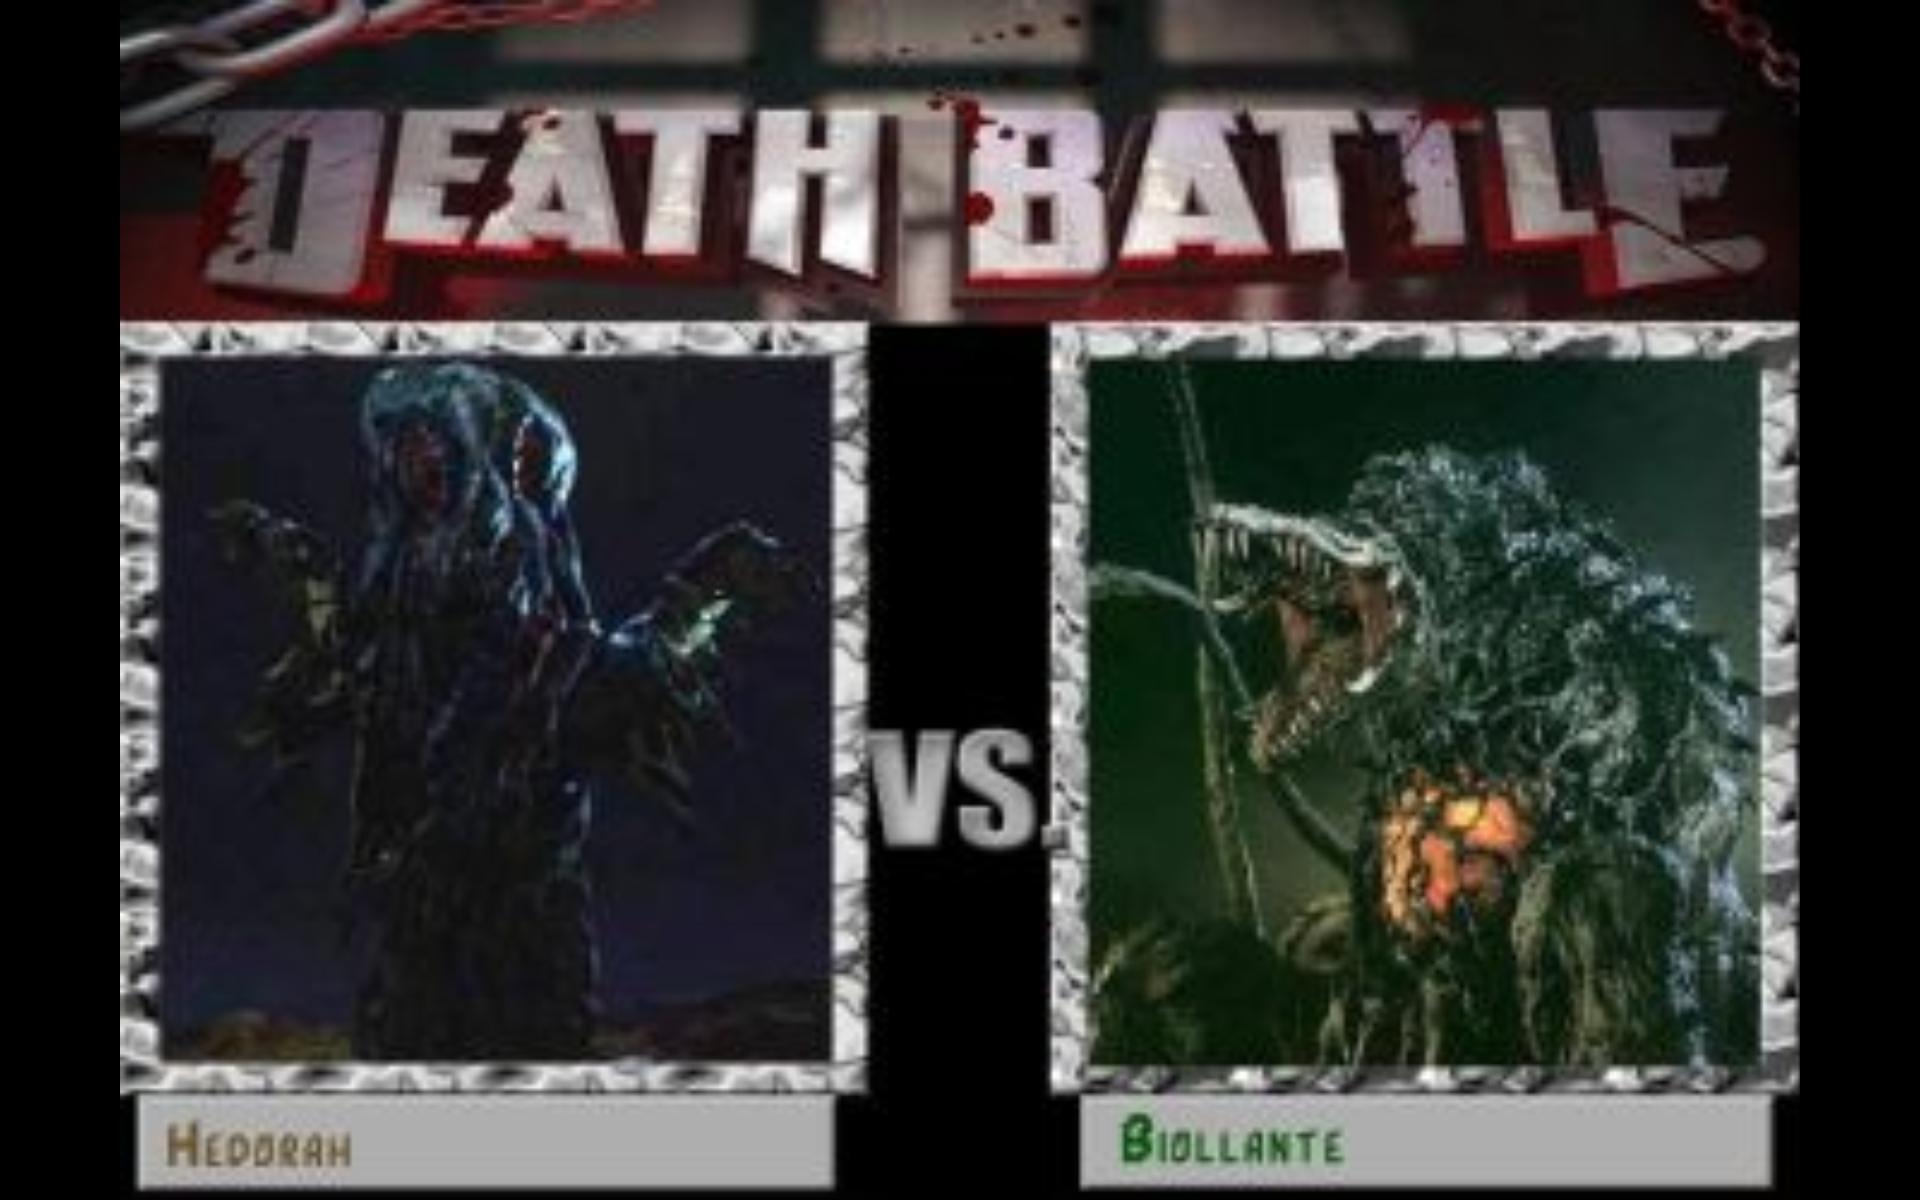 Quien creéis que ganaria, Biollante o Hedorah?